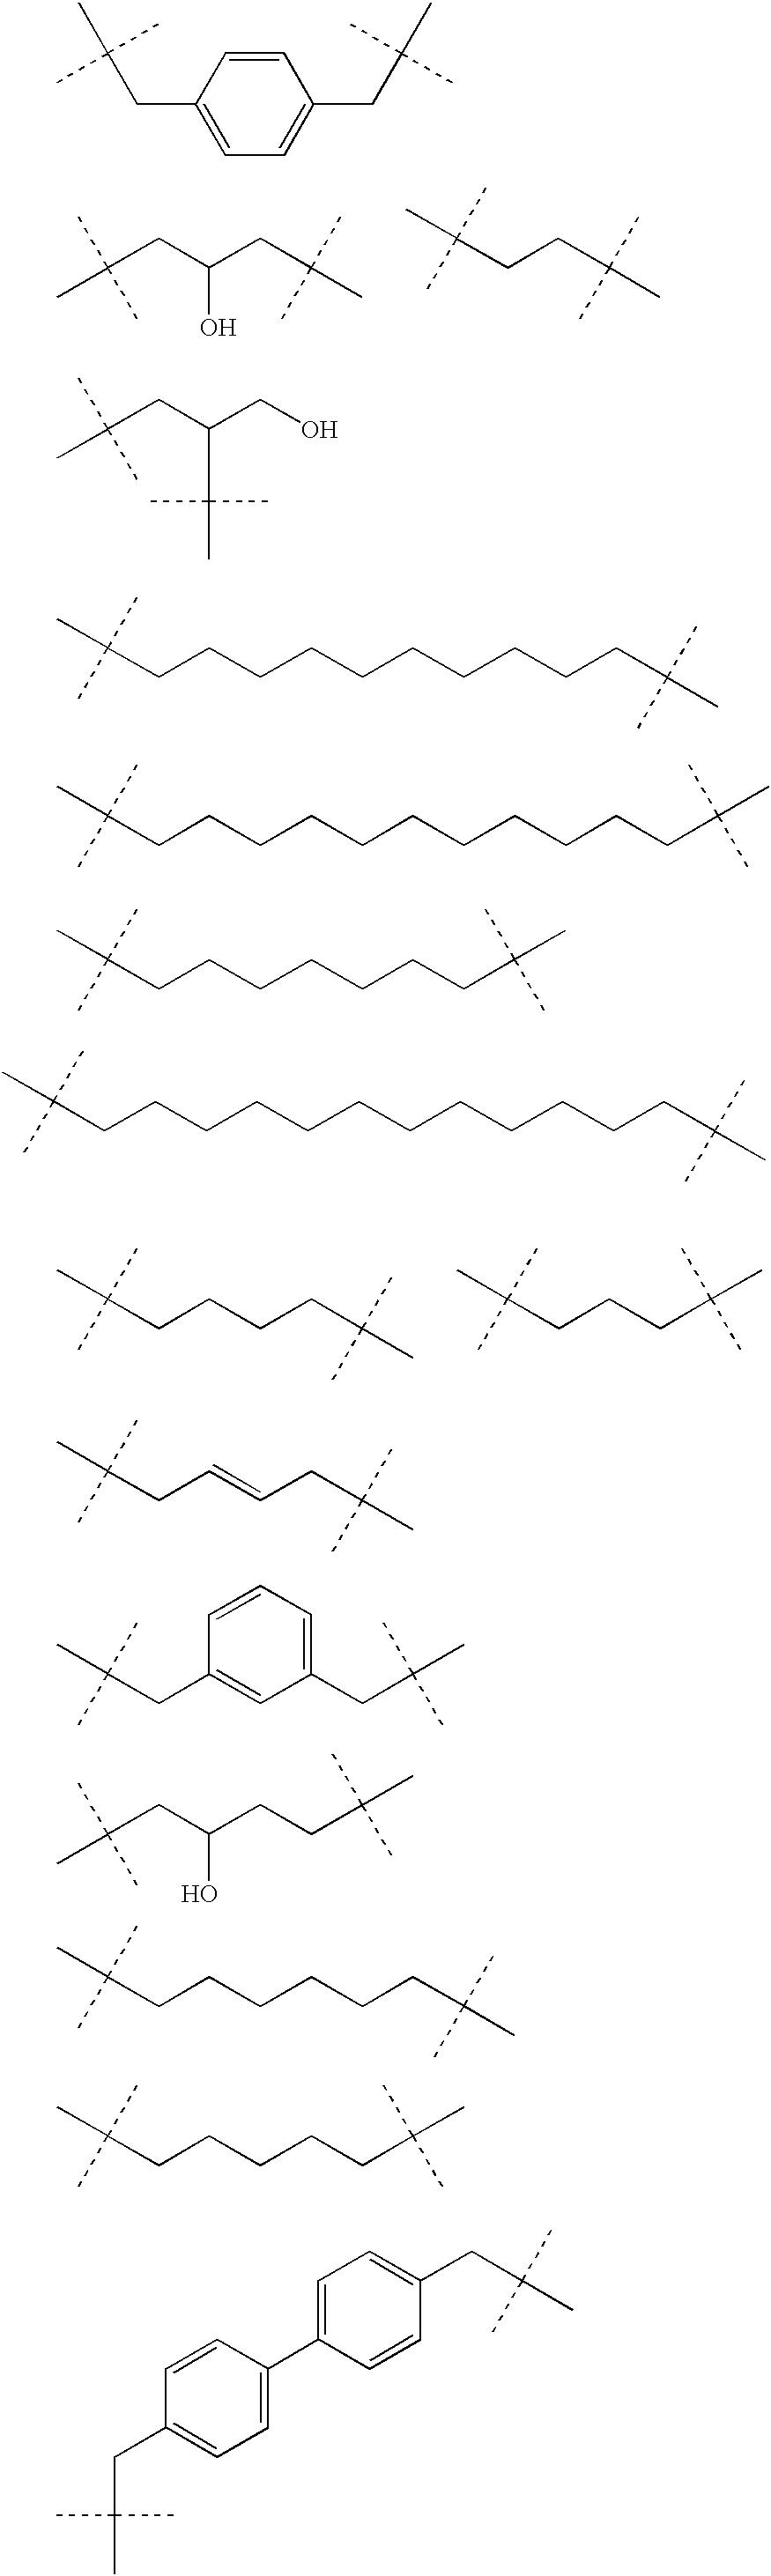 Figure US06693202-20040217-C00077